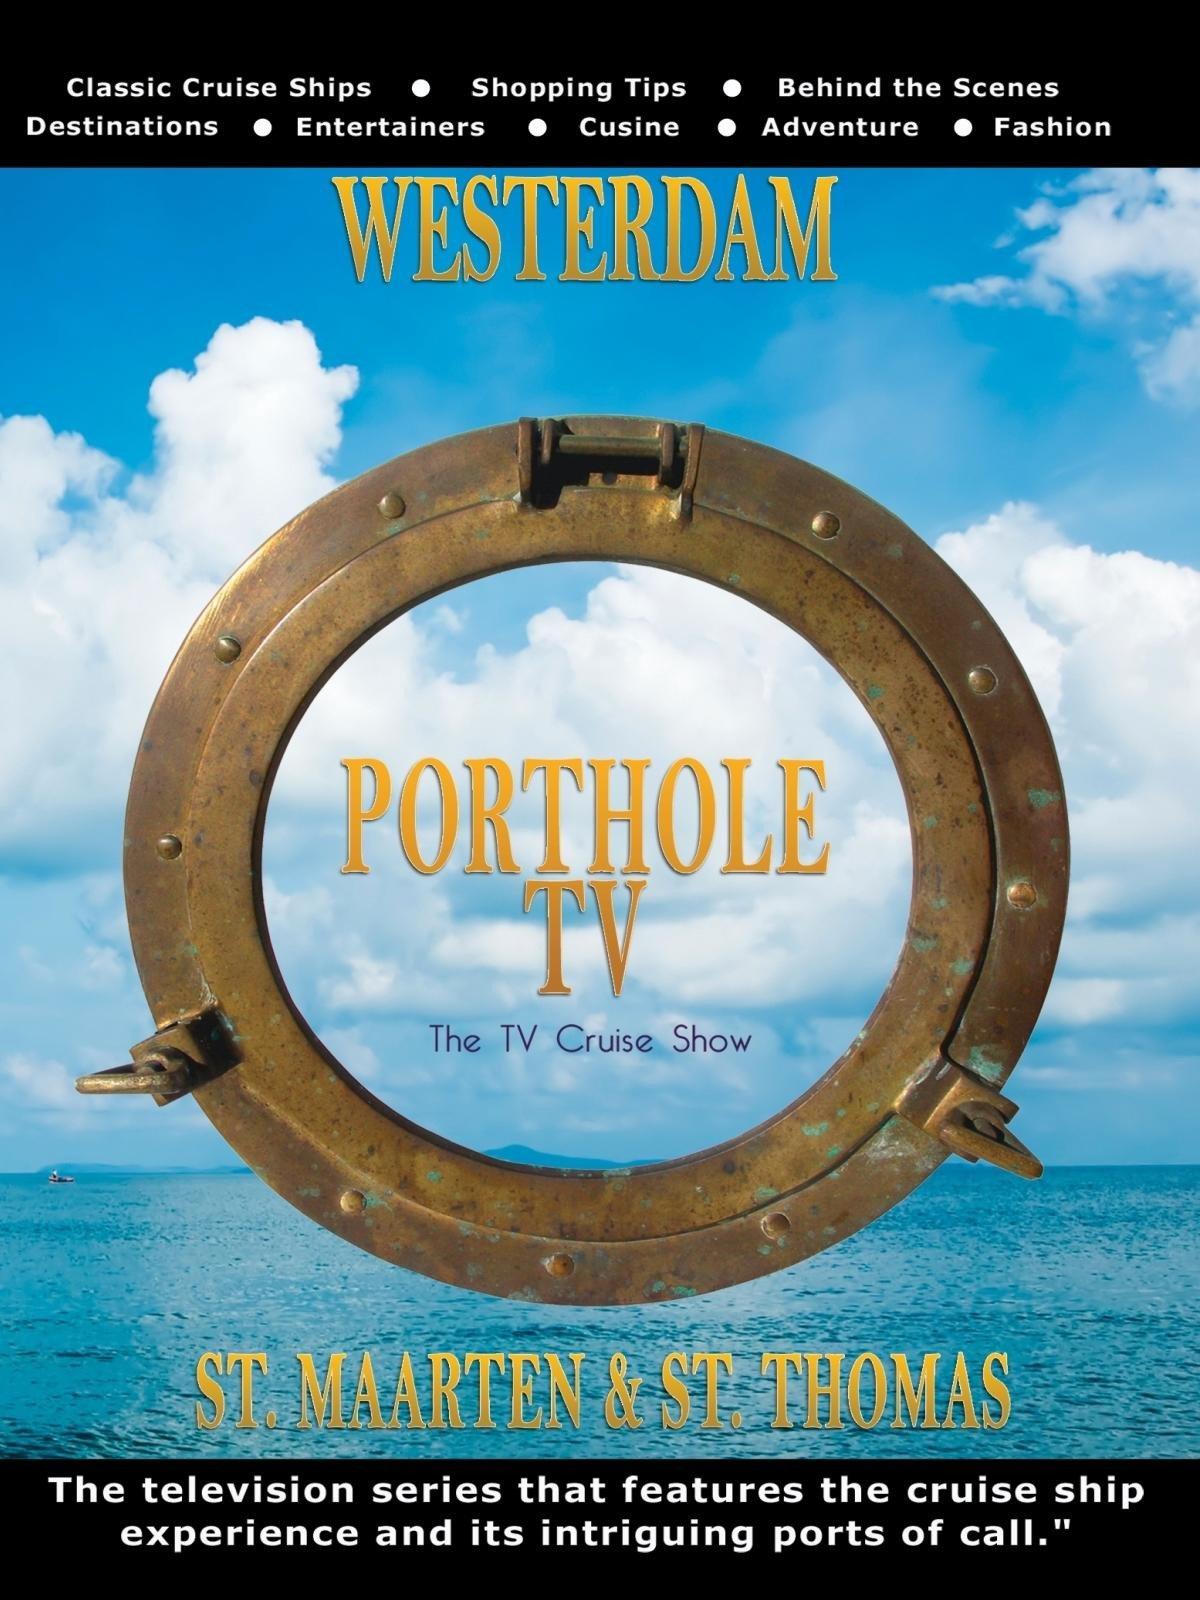 Porthole TV - Westerdam Ports: St. Maarten, St. Thomas on Amazon Prime Video UK